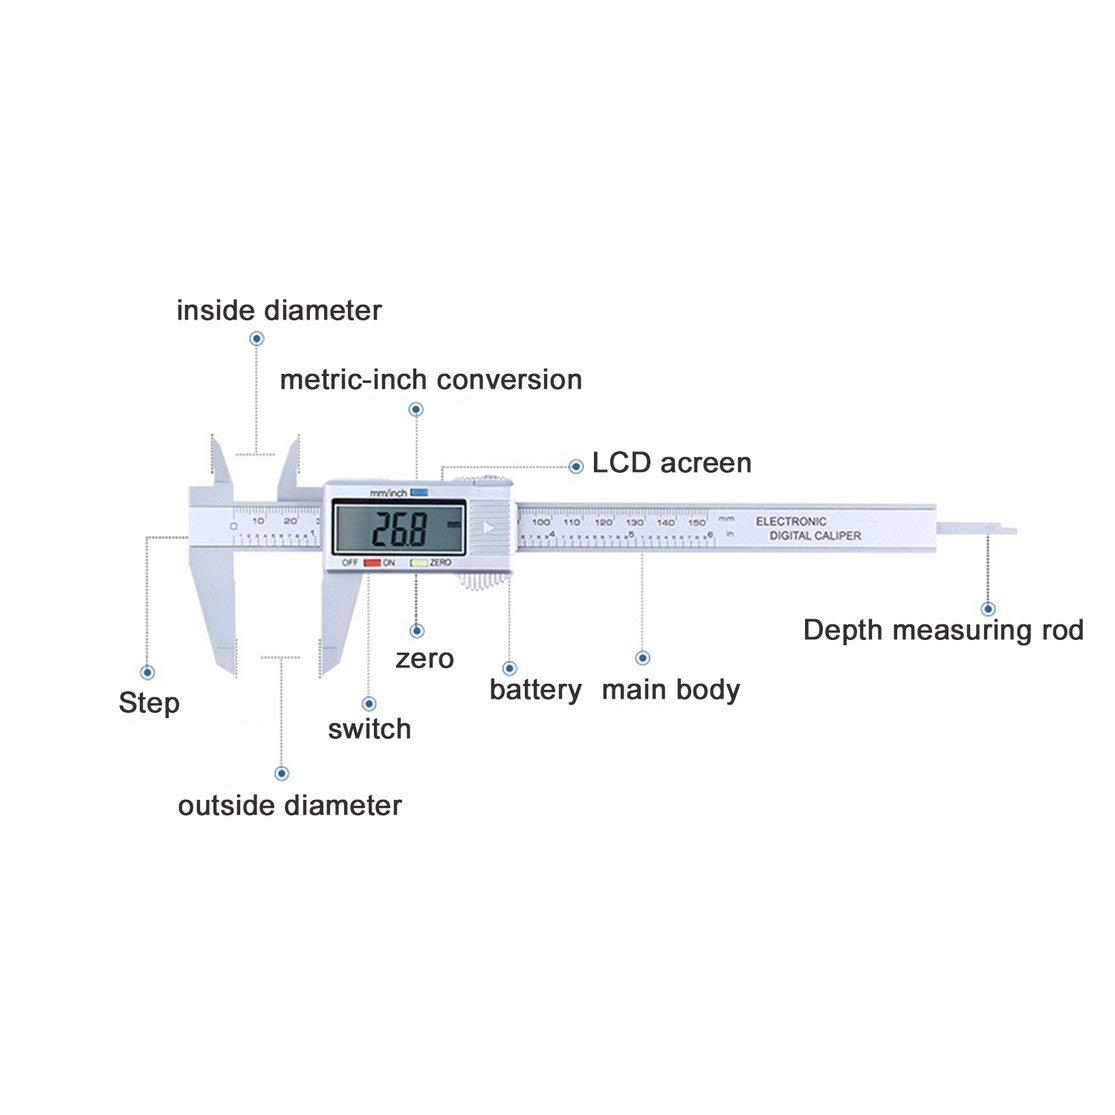 LouiseEvel215 Composites en Fibre de Carbone LCD Num/érique Pied /à Coulisse 0-150mm Jauge Microm/ètre Outil de Mesure R/ègle /à Coulisse avec Conversion en Pouce /à MM